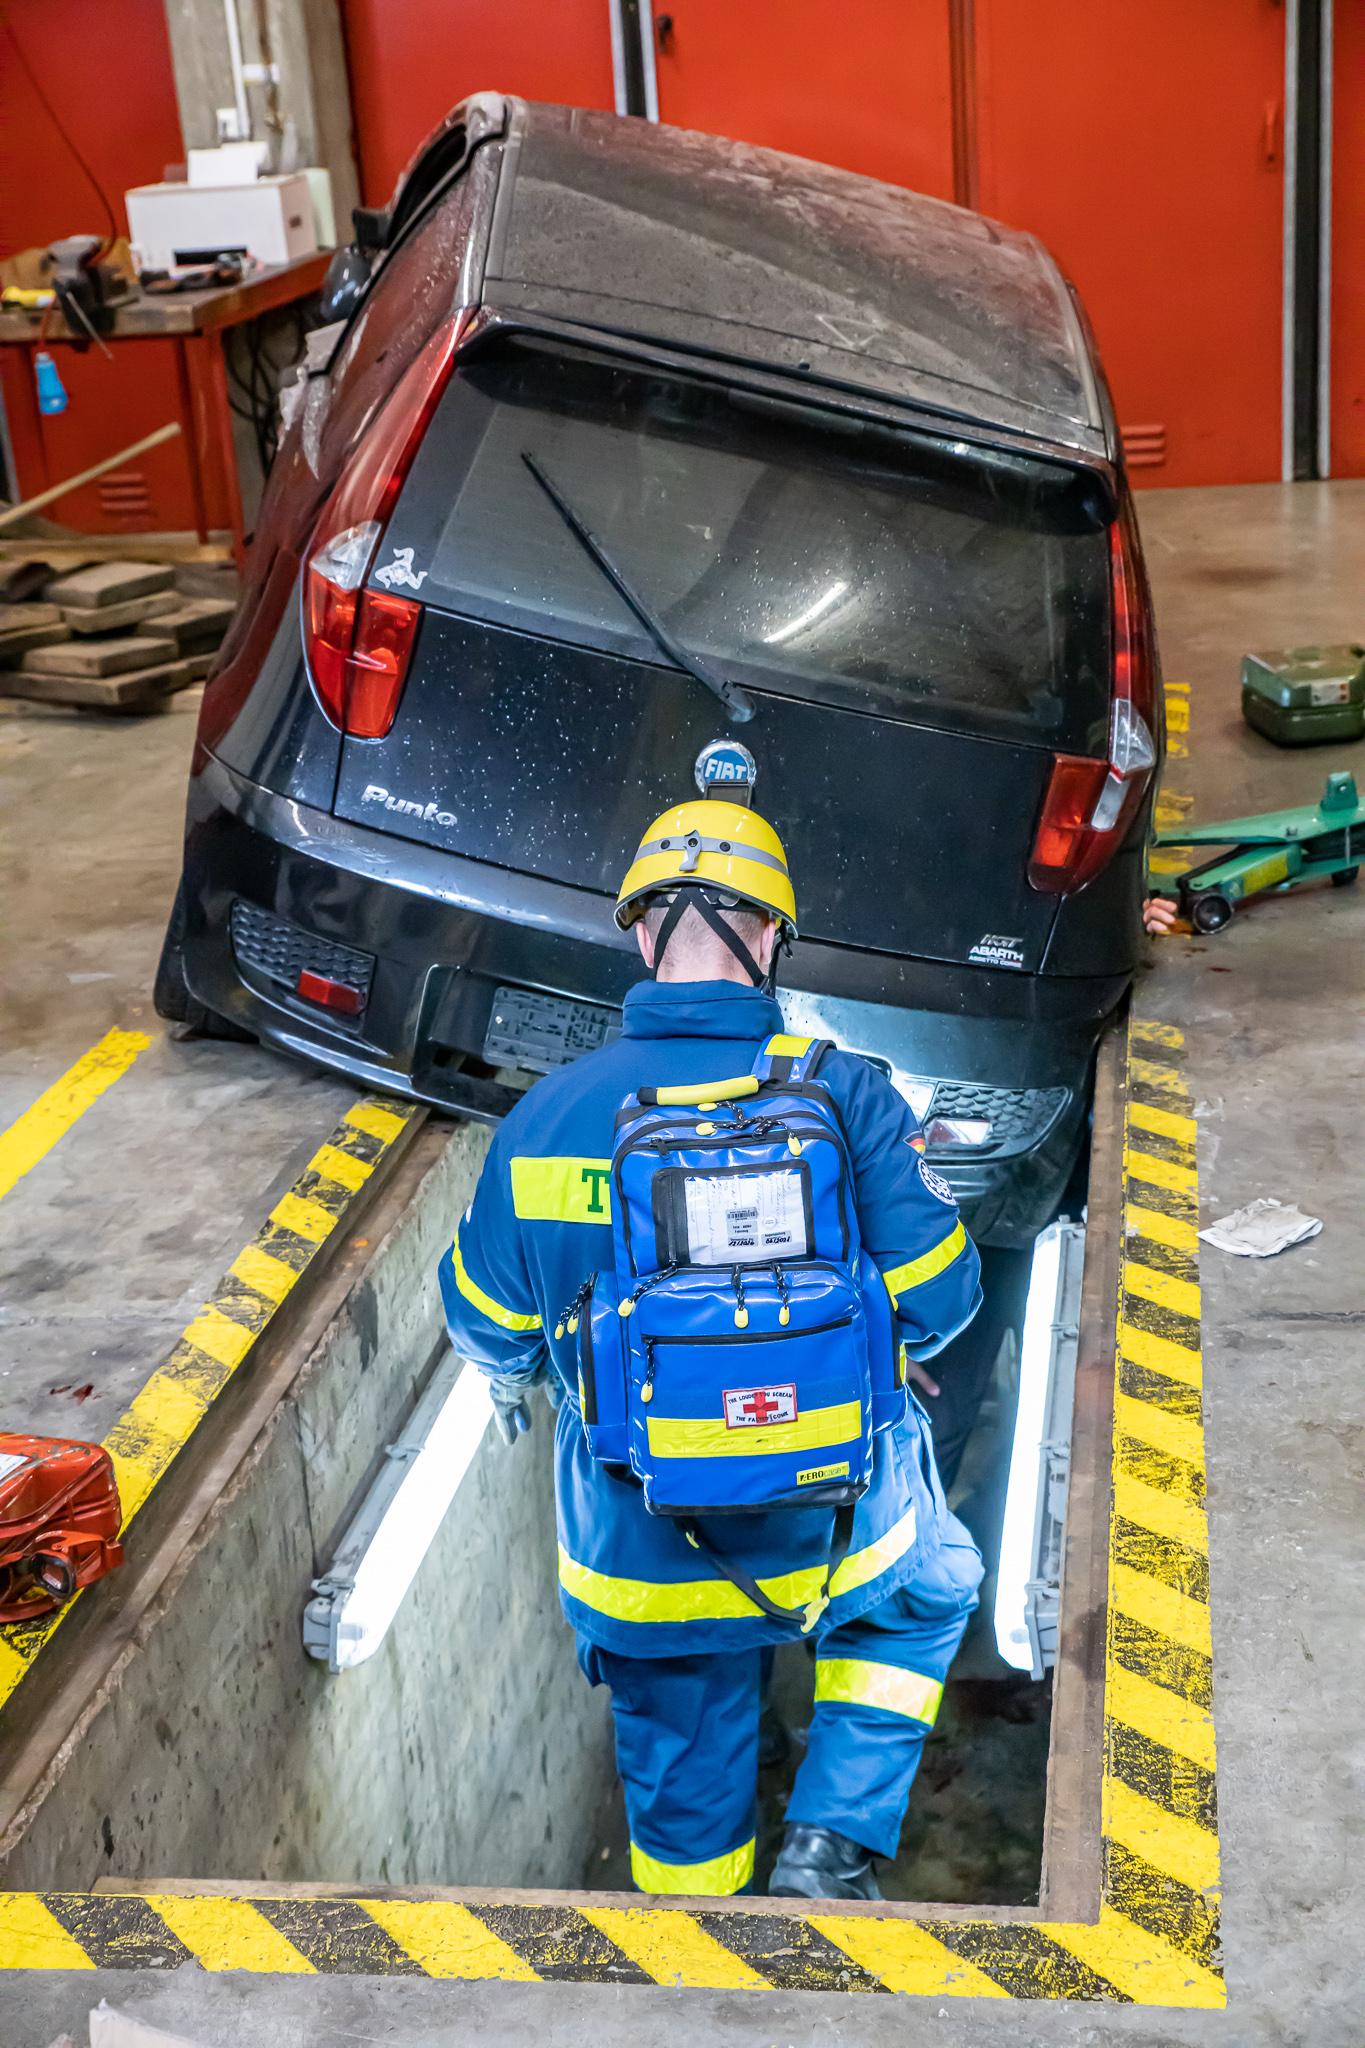 FeuerwehrSim 2019 Werkstatt-4